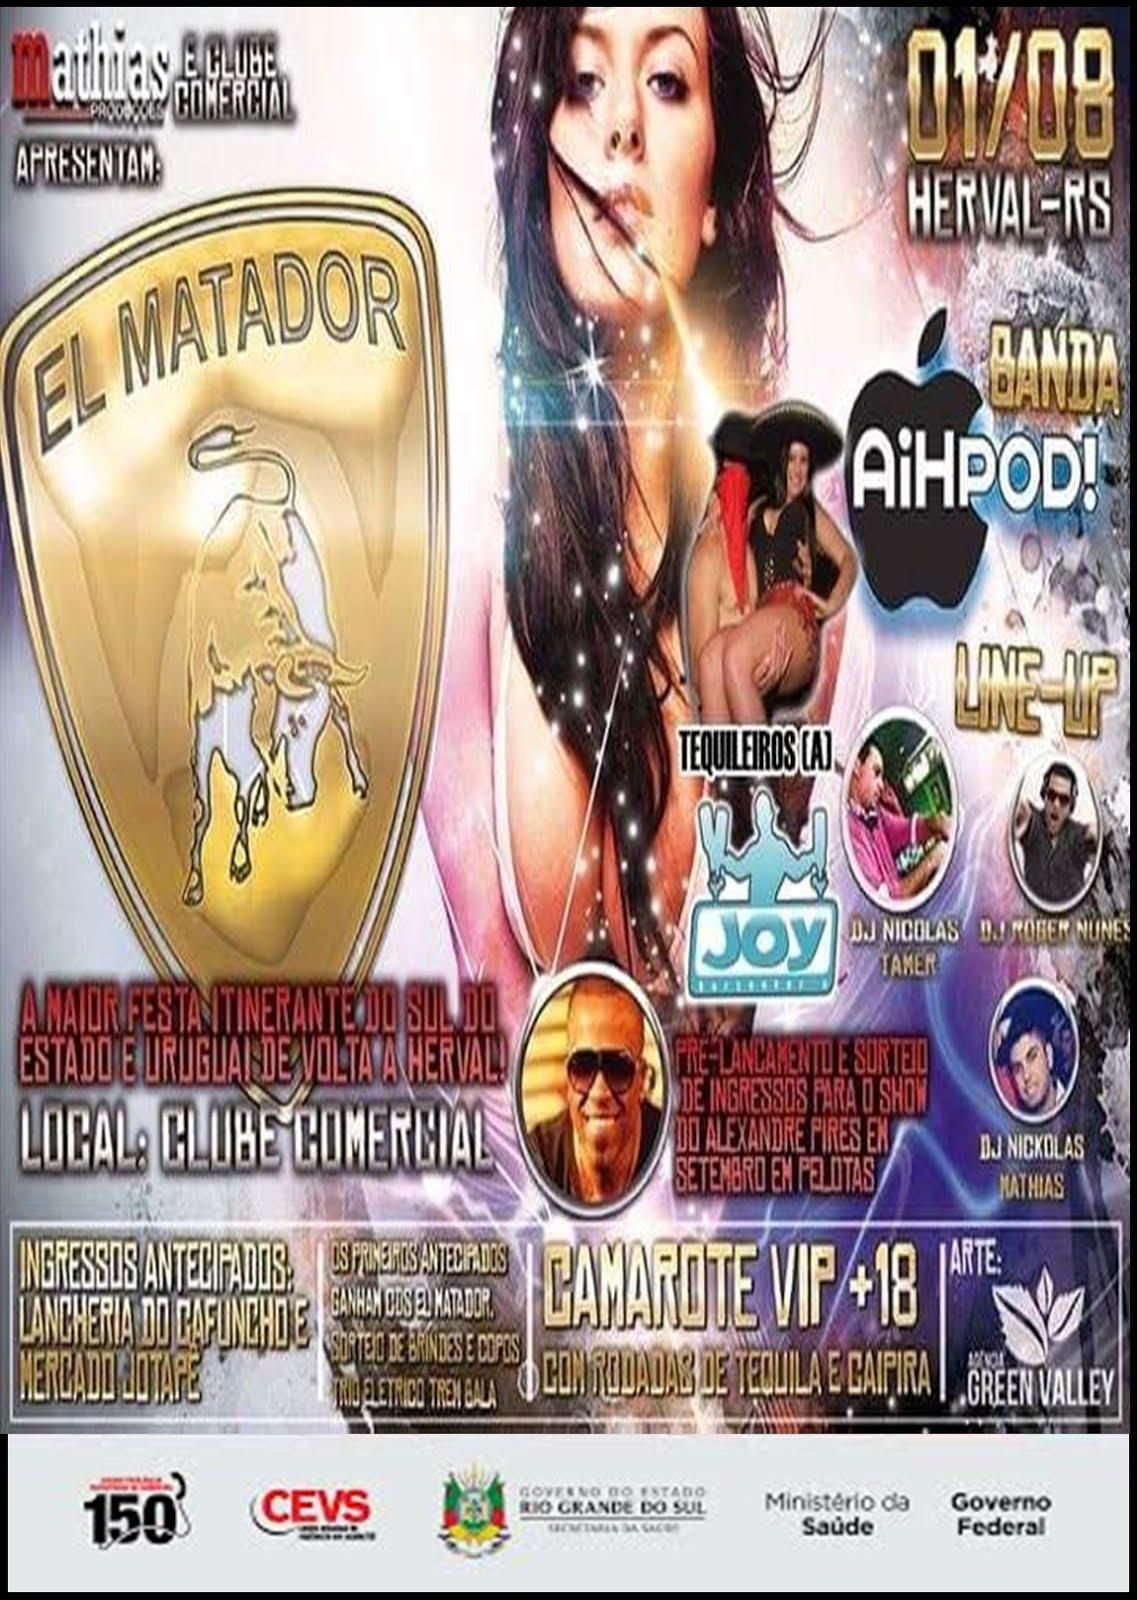 EL MATADOR EM HERVAL 01/08/15